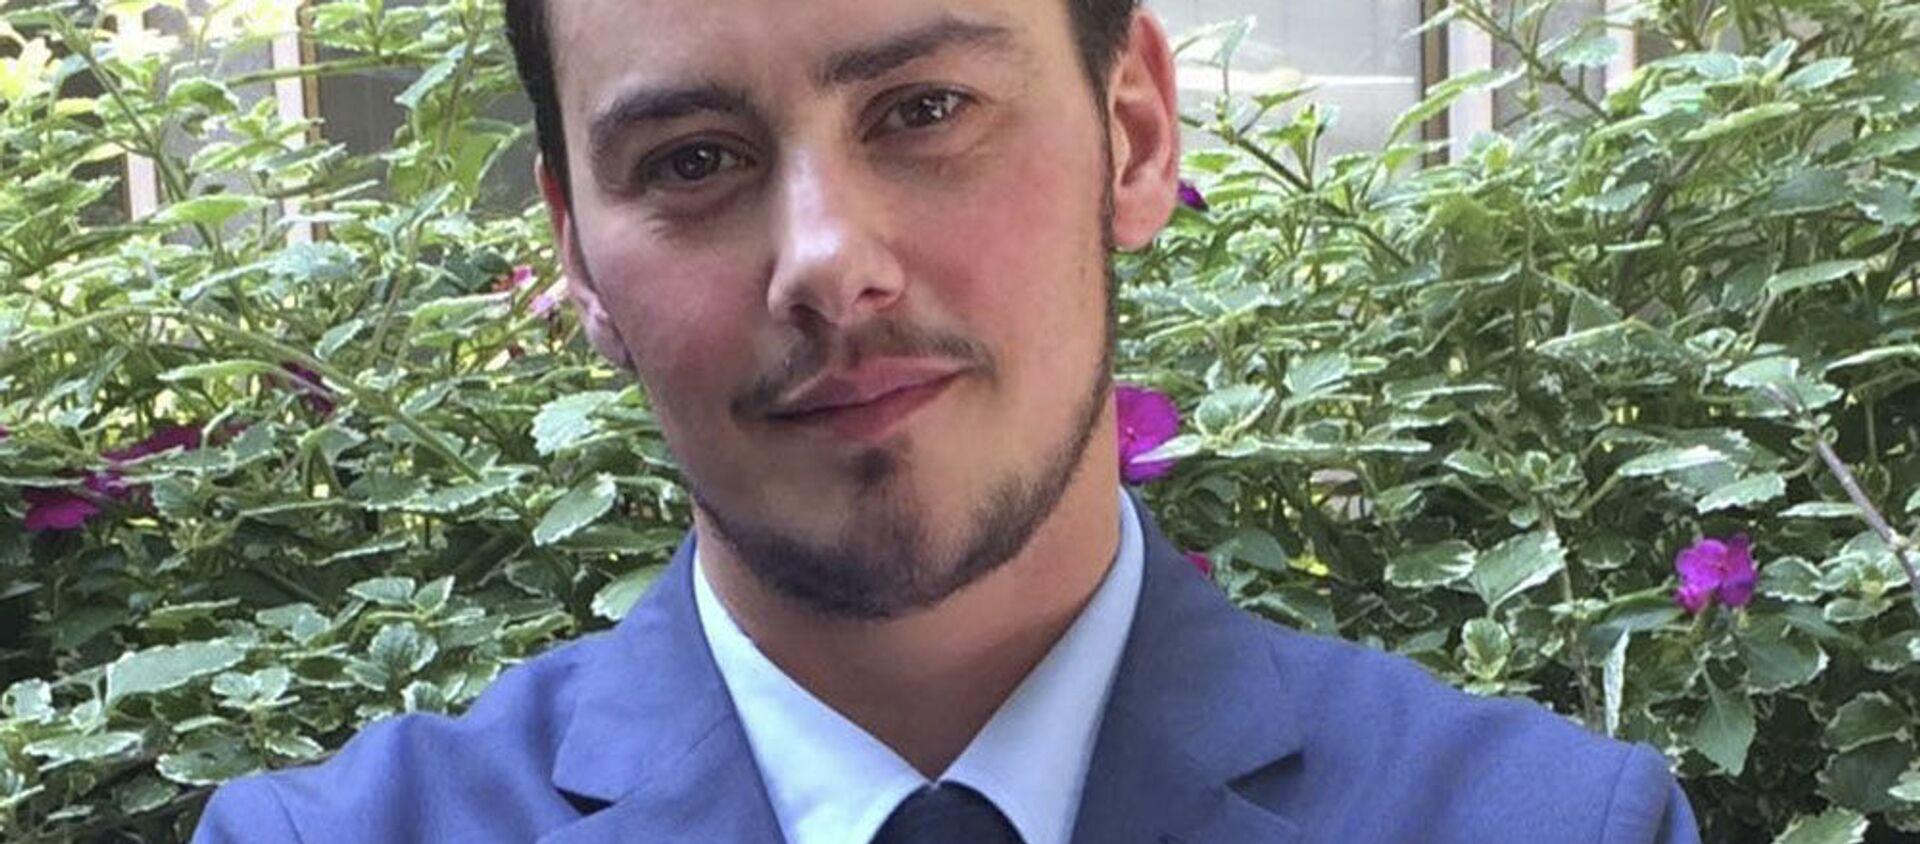 Gianmarco Negri, nuovo sindaco di Tromello e il primo sindaco transgender in Italia - Sputnik Italia, 1920, 28.05.2019